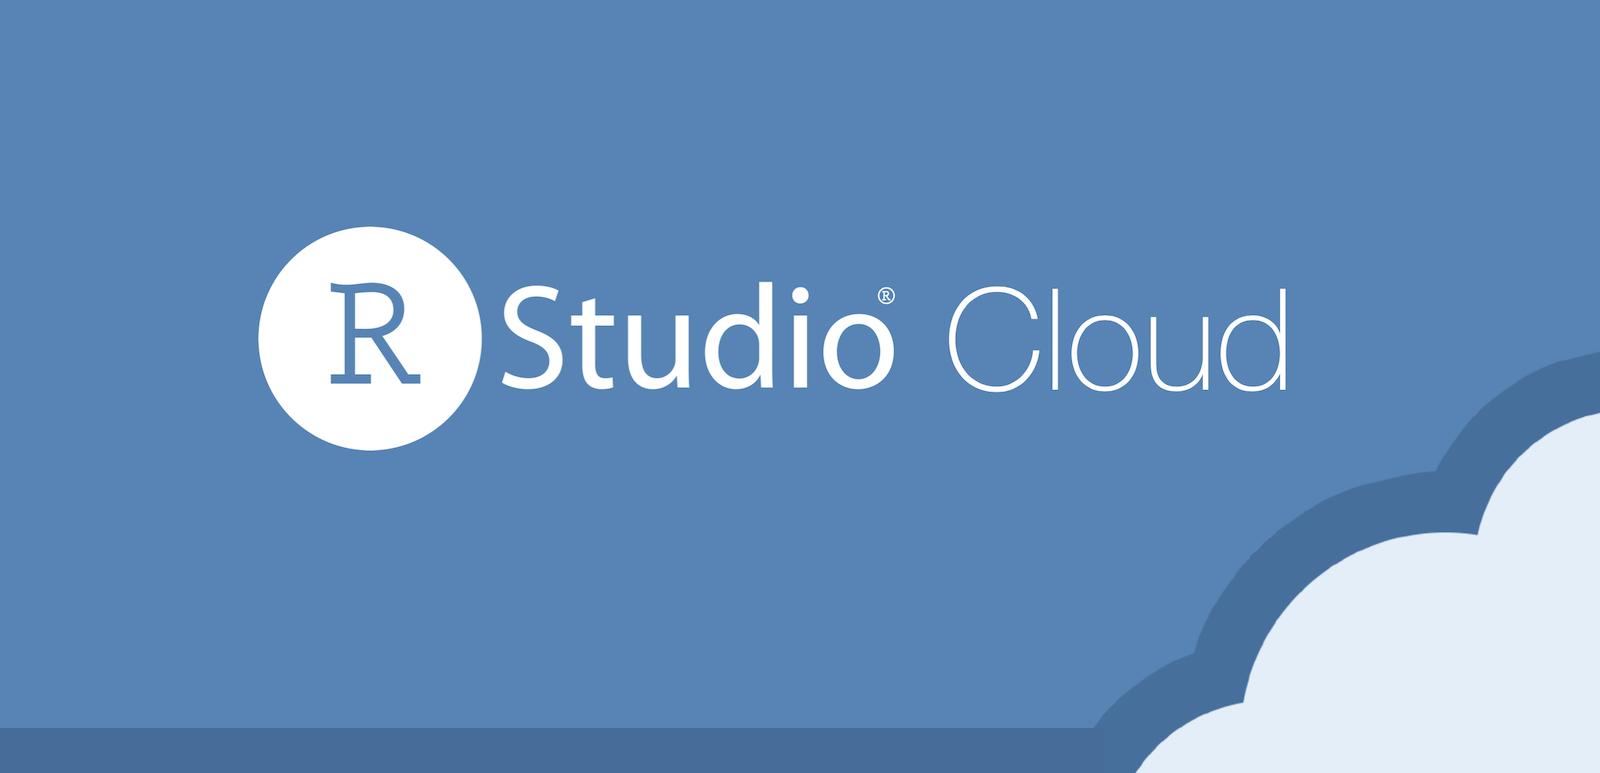 RStudio Cloud text logo